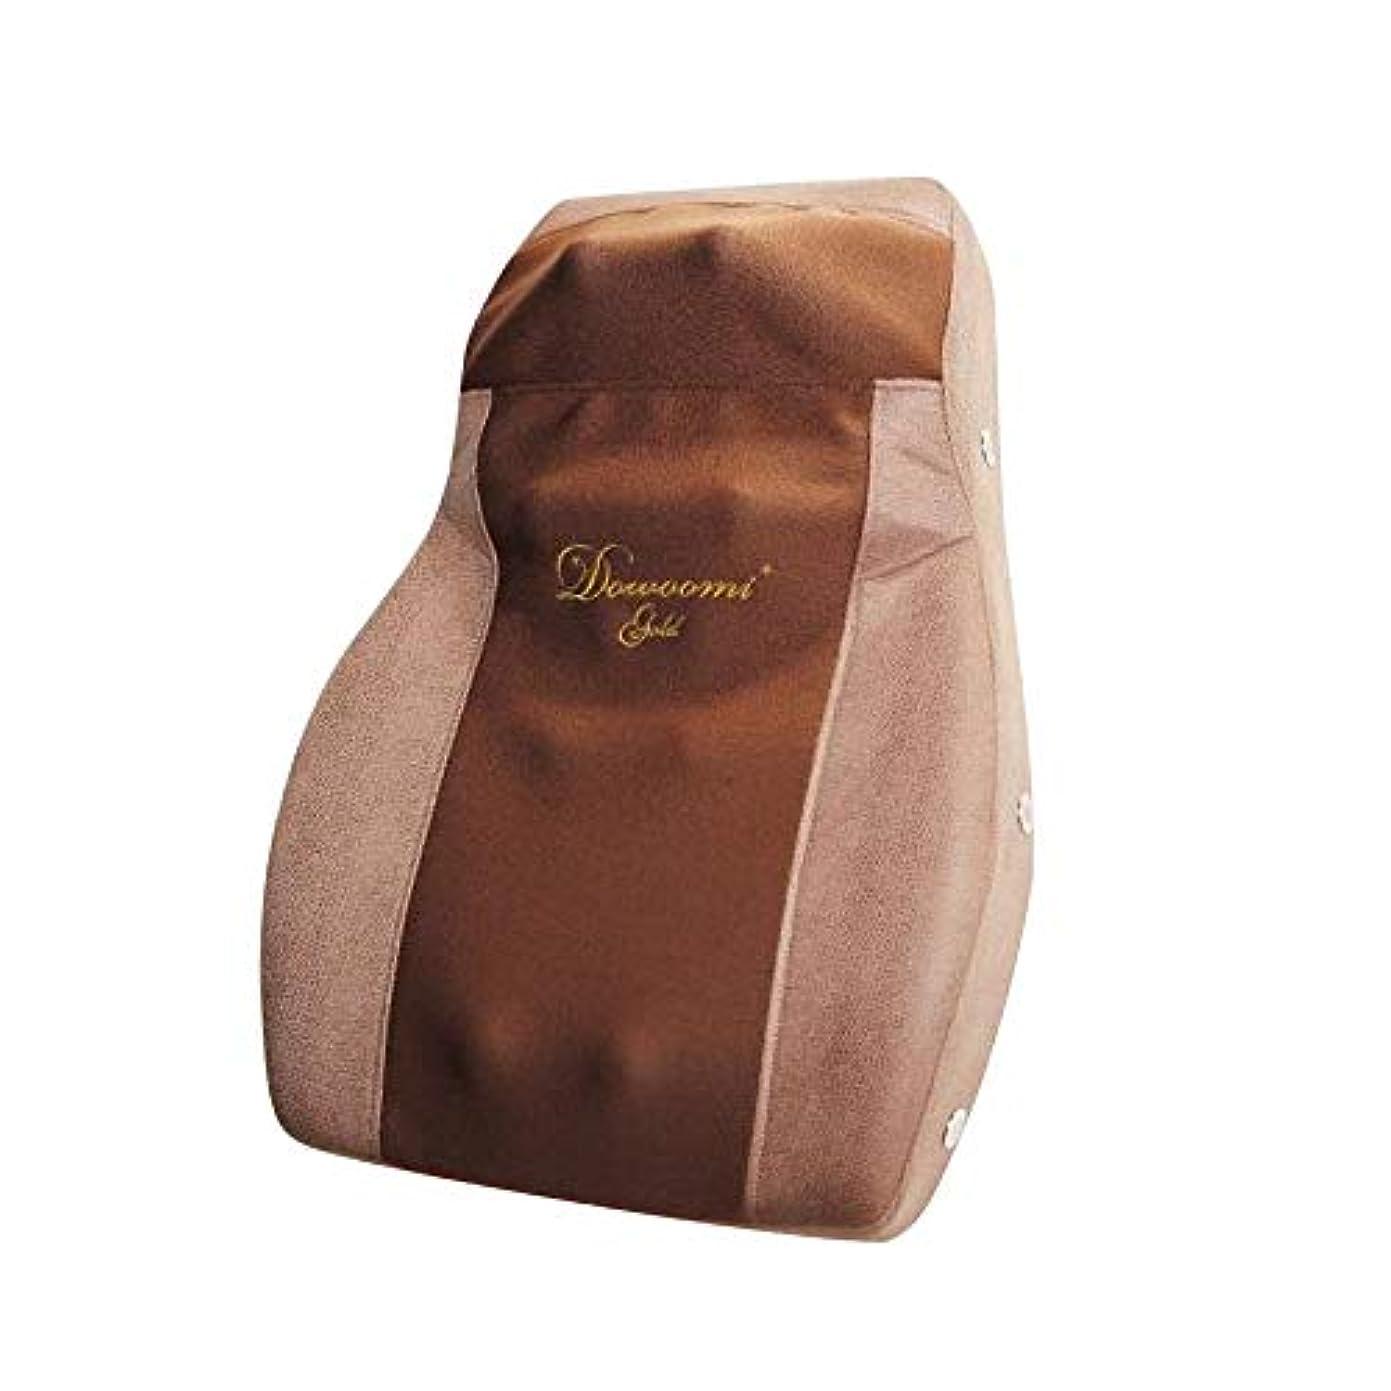 施し母性人事Wellbeing Dowoomi Massager Gold Plus ドウミ マッサージ クッション ゴールド プラス [並行輸入品]